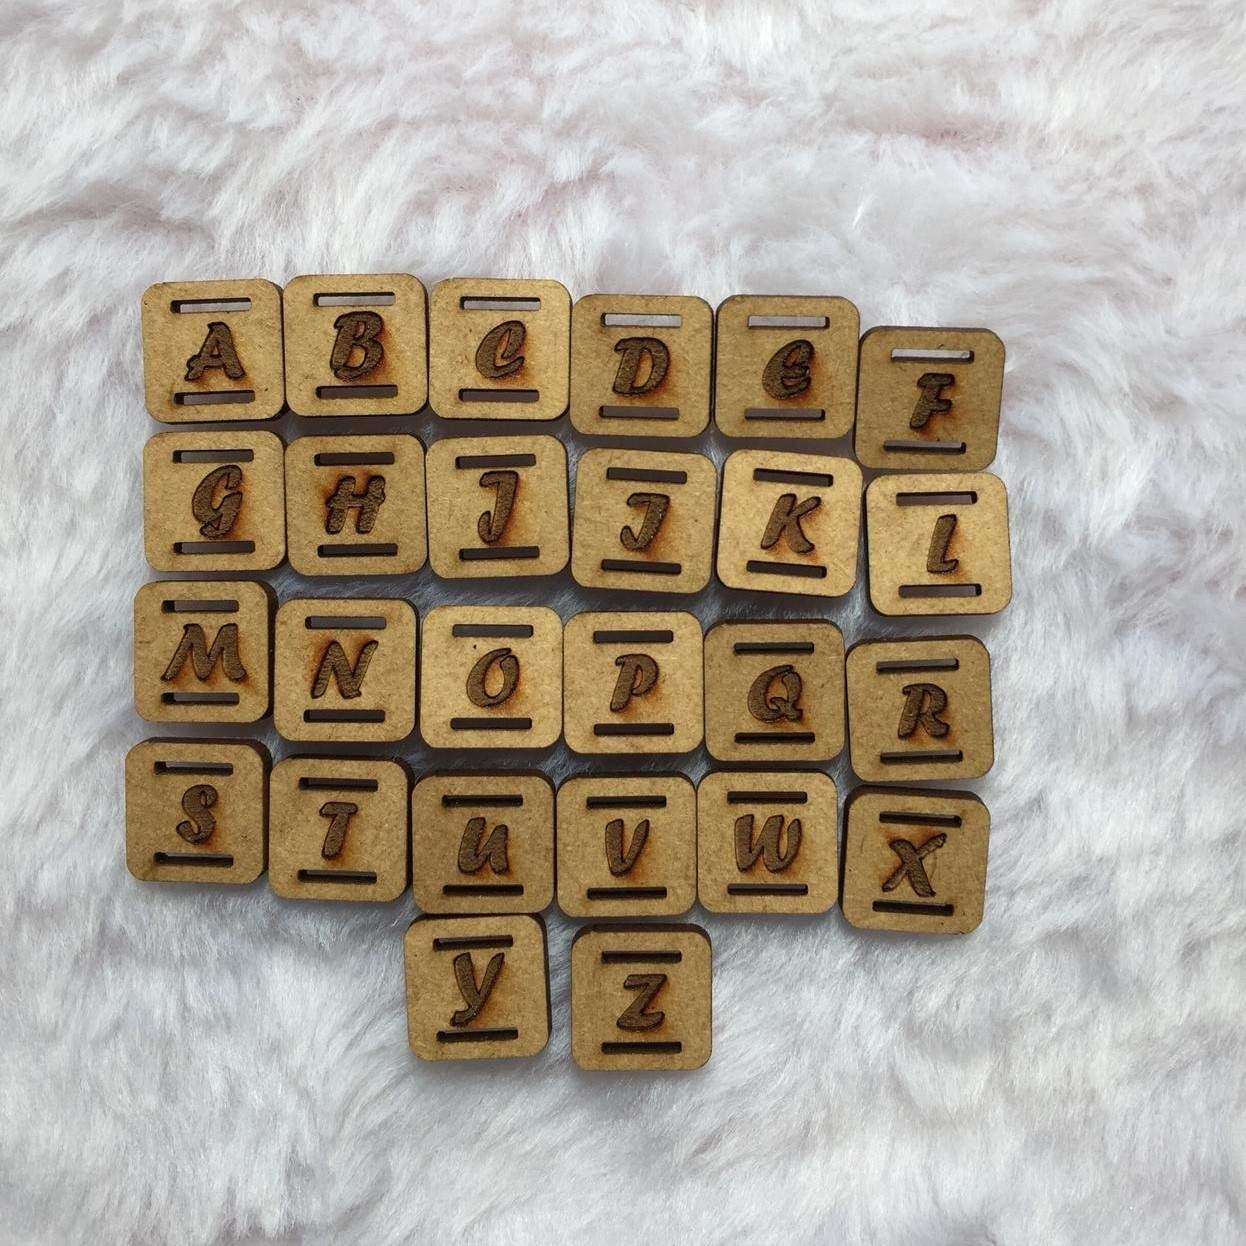 Passante para Elástico em MDF - Quadrado- 1,5cm - Alfabeto (26 unidades)